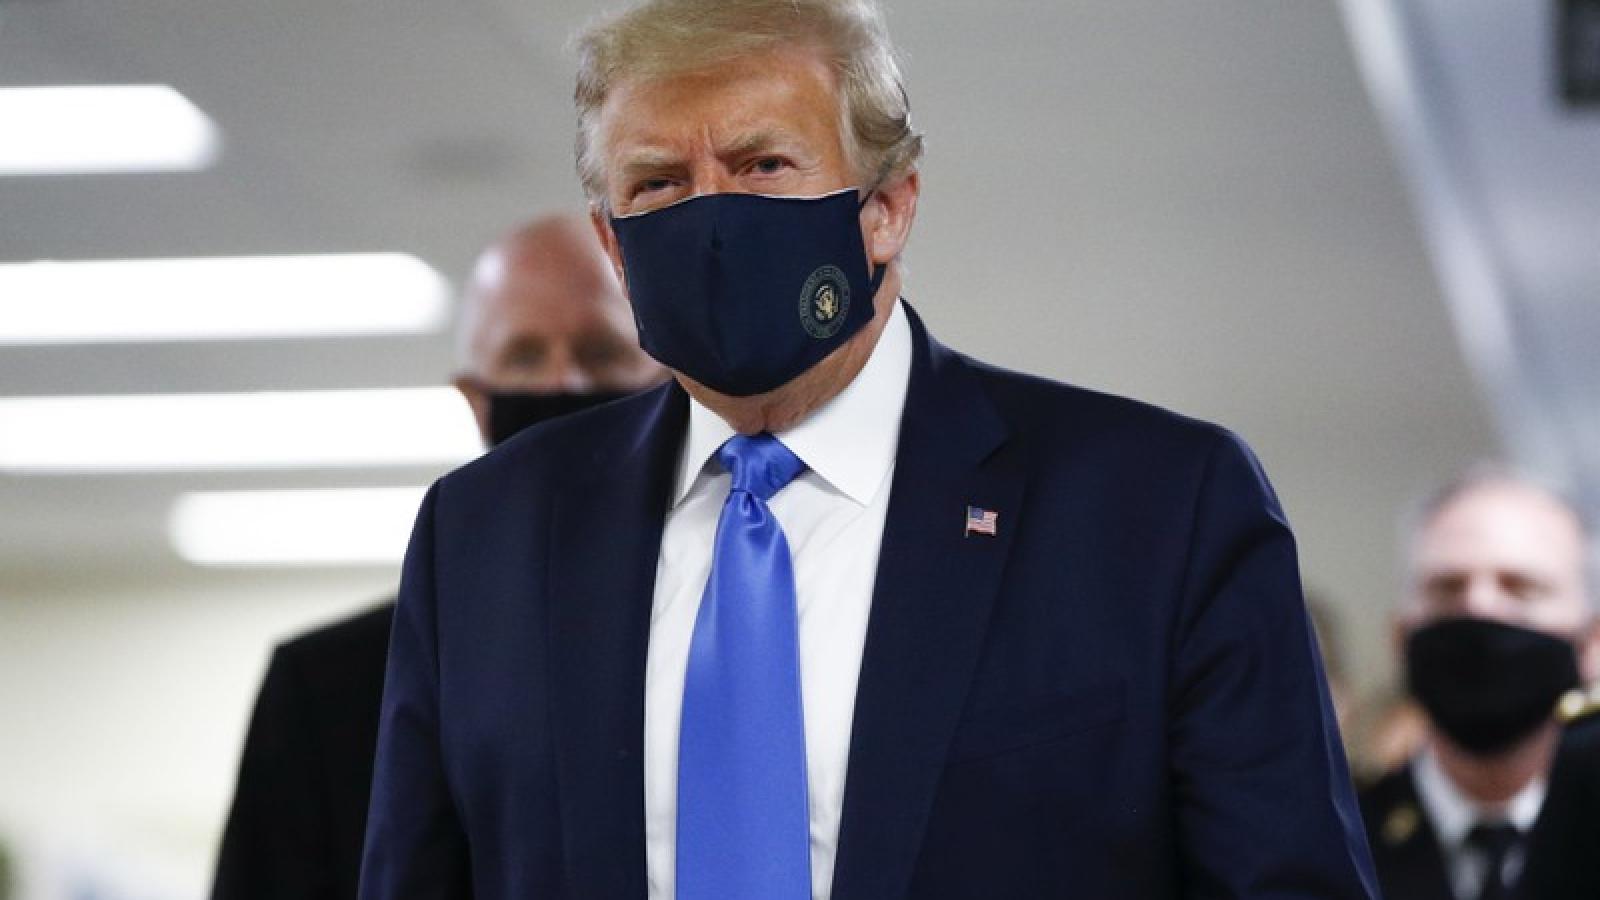 Tổng thống Mỹ Trump khuyến khích người dân đeo khẩu trang